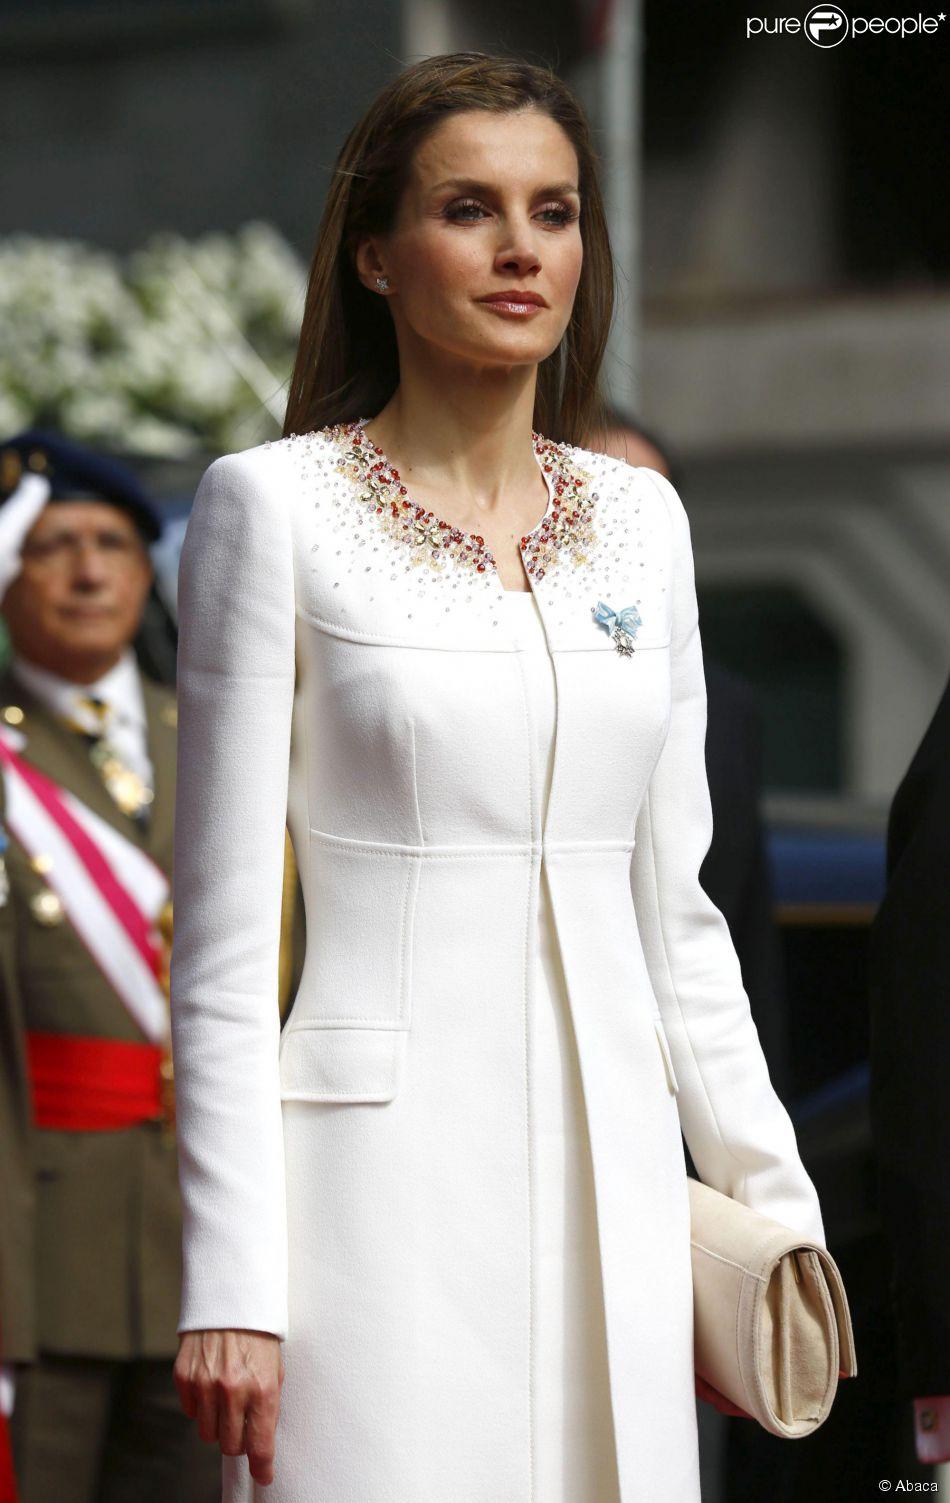 Letizia d'Espagne, nouvelle reine d'Espagne tout de blanc vêtue pour assister au serment de son époux, le roi Felipe VI à Madrid le 19 juin 2014